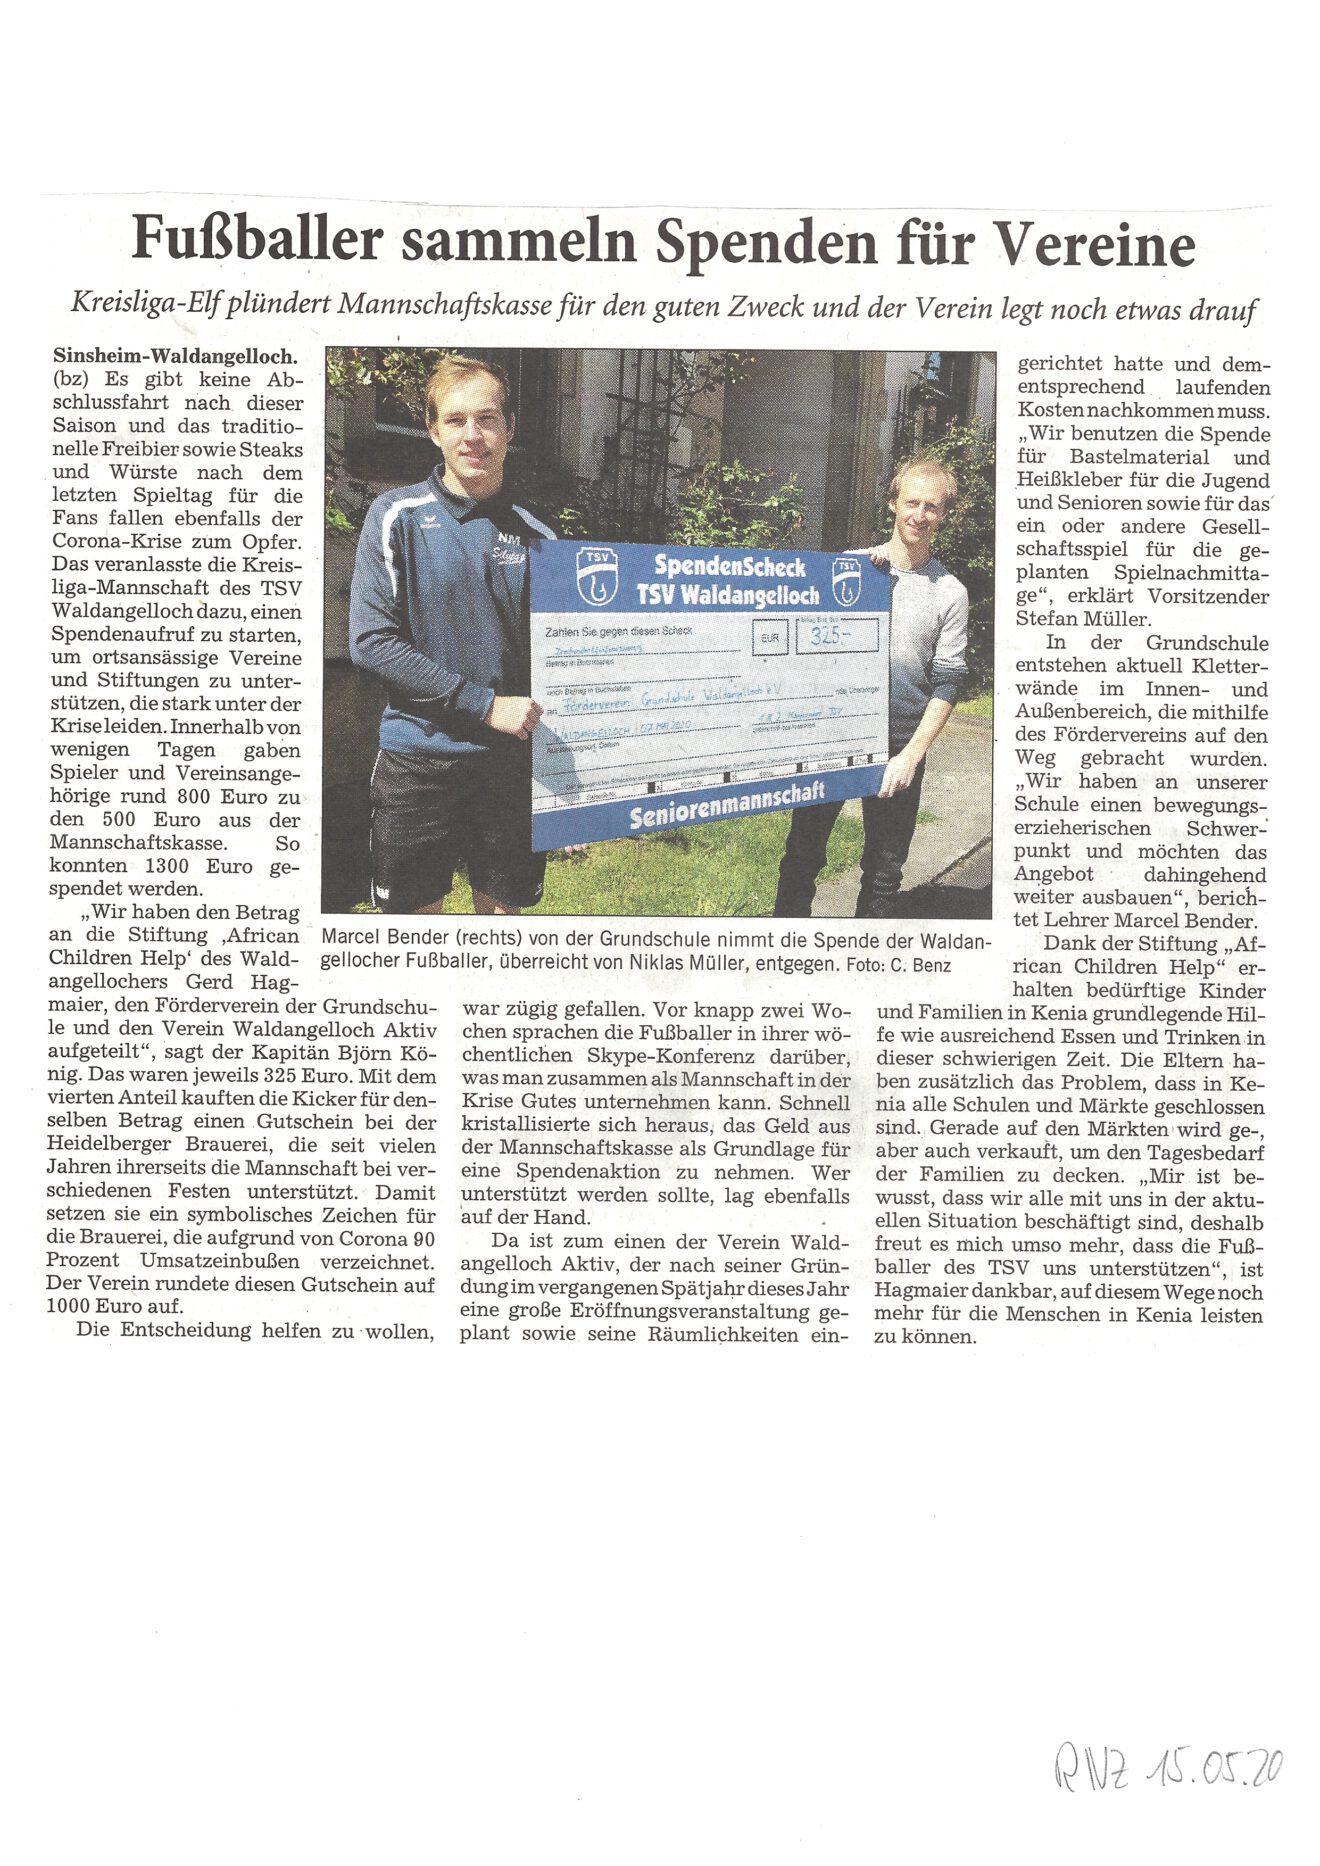 RNZ: Fußballer sammeln Spenden für Vereine